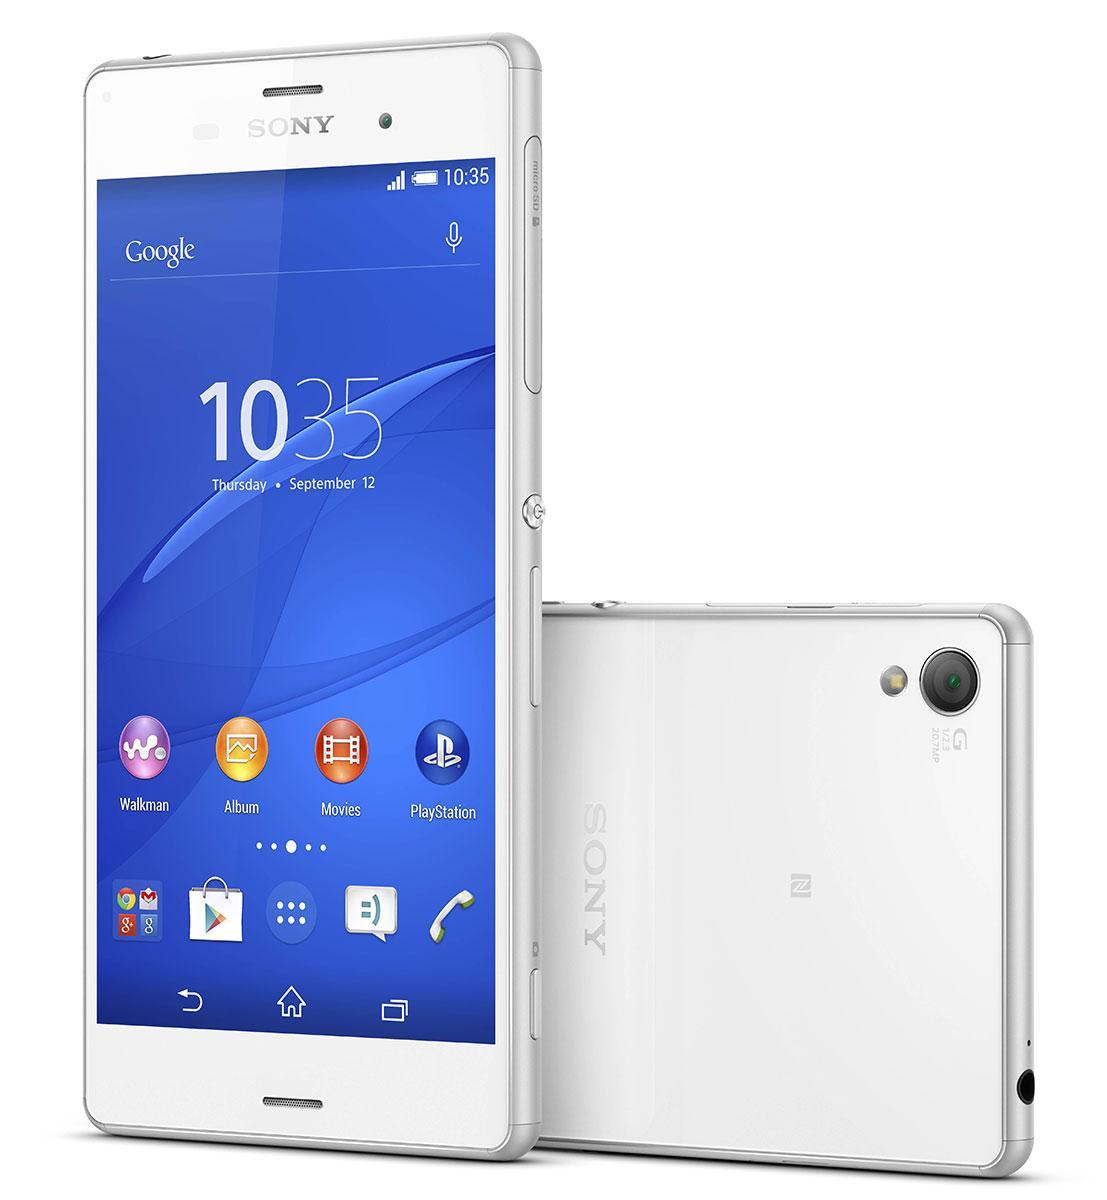 El Sony Xperia Z3 en color blanco, visión frontal y trasera